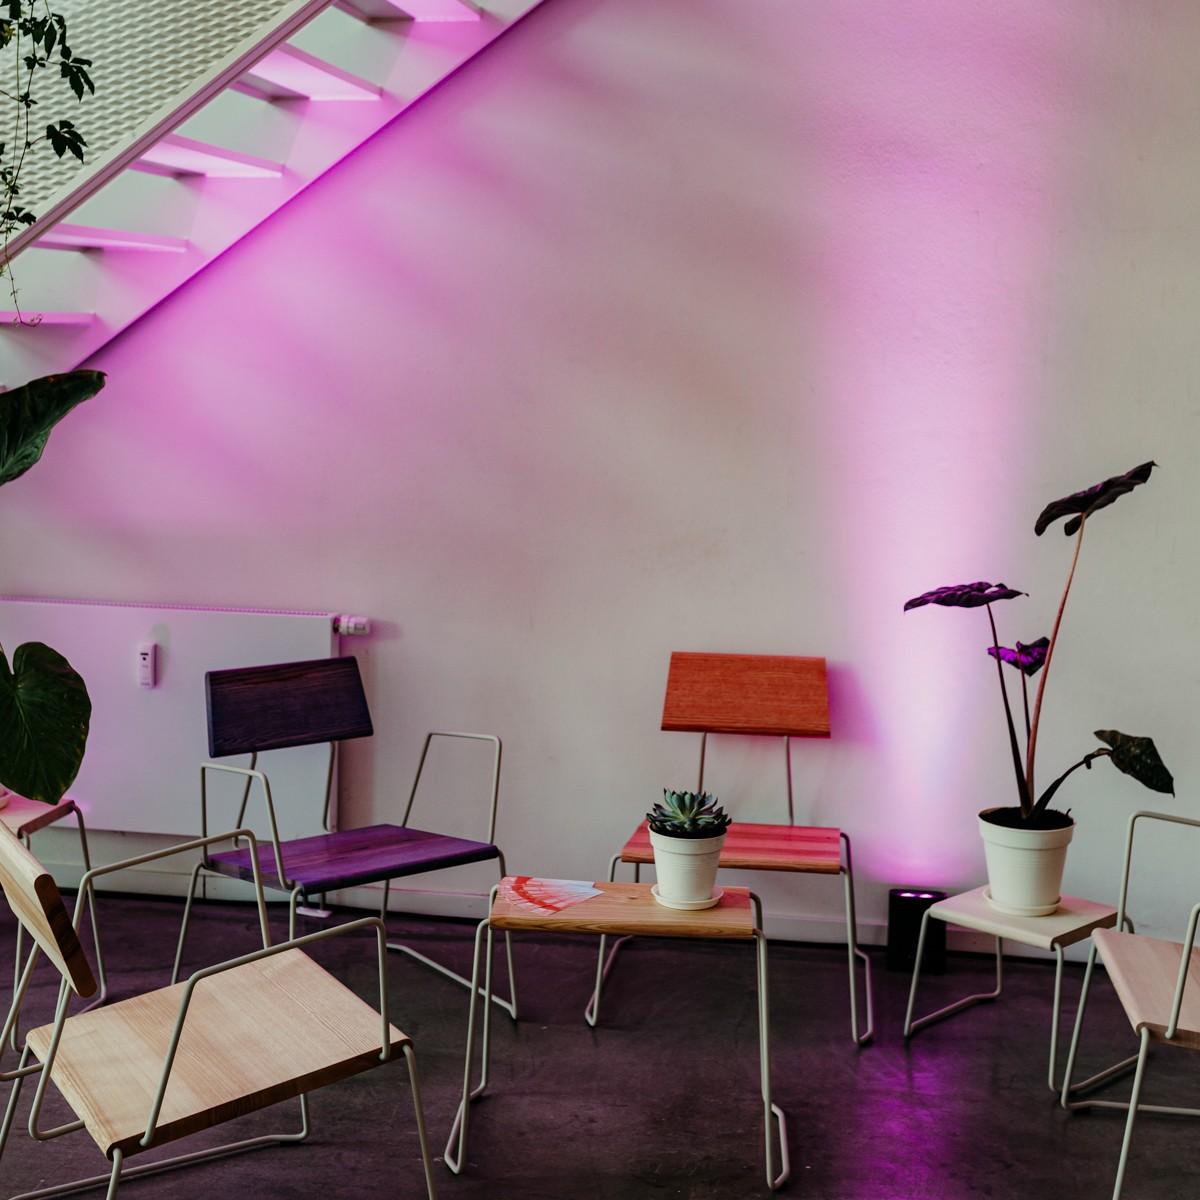 Fuchs & Habicht Loungechair mit Armlehne D:008